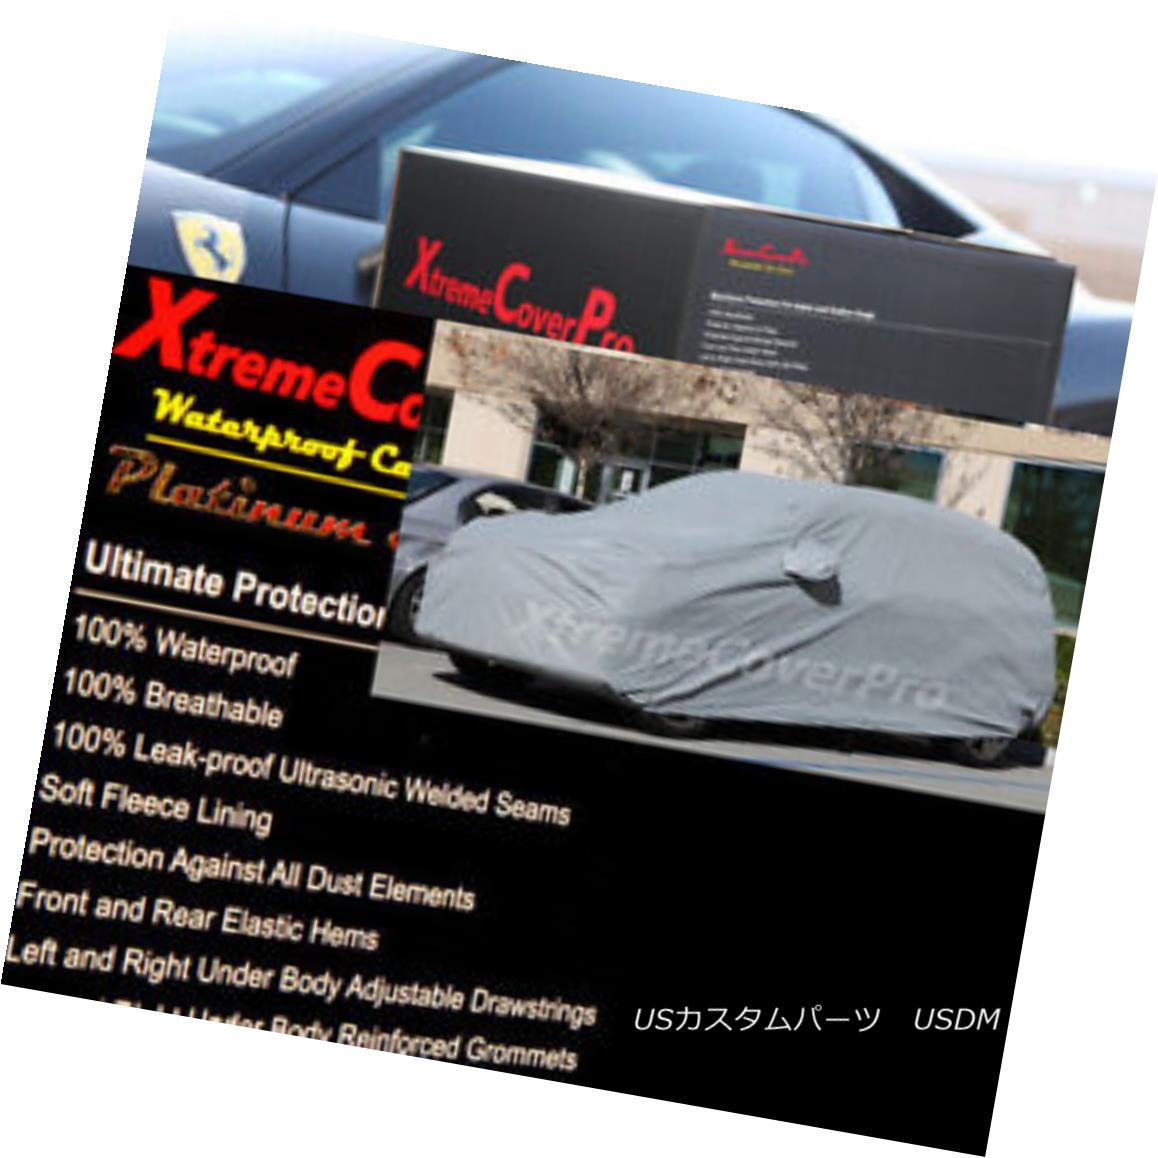 カーカバー 2004 2005 2006 2007 2008 2009 Cadillac SRX Waterproof Car Cover w/MirrorPocket 2004年2005年2006年2007年2008年2009年キャデラックSRX防水カーカバー付き(MirrorPocket)